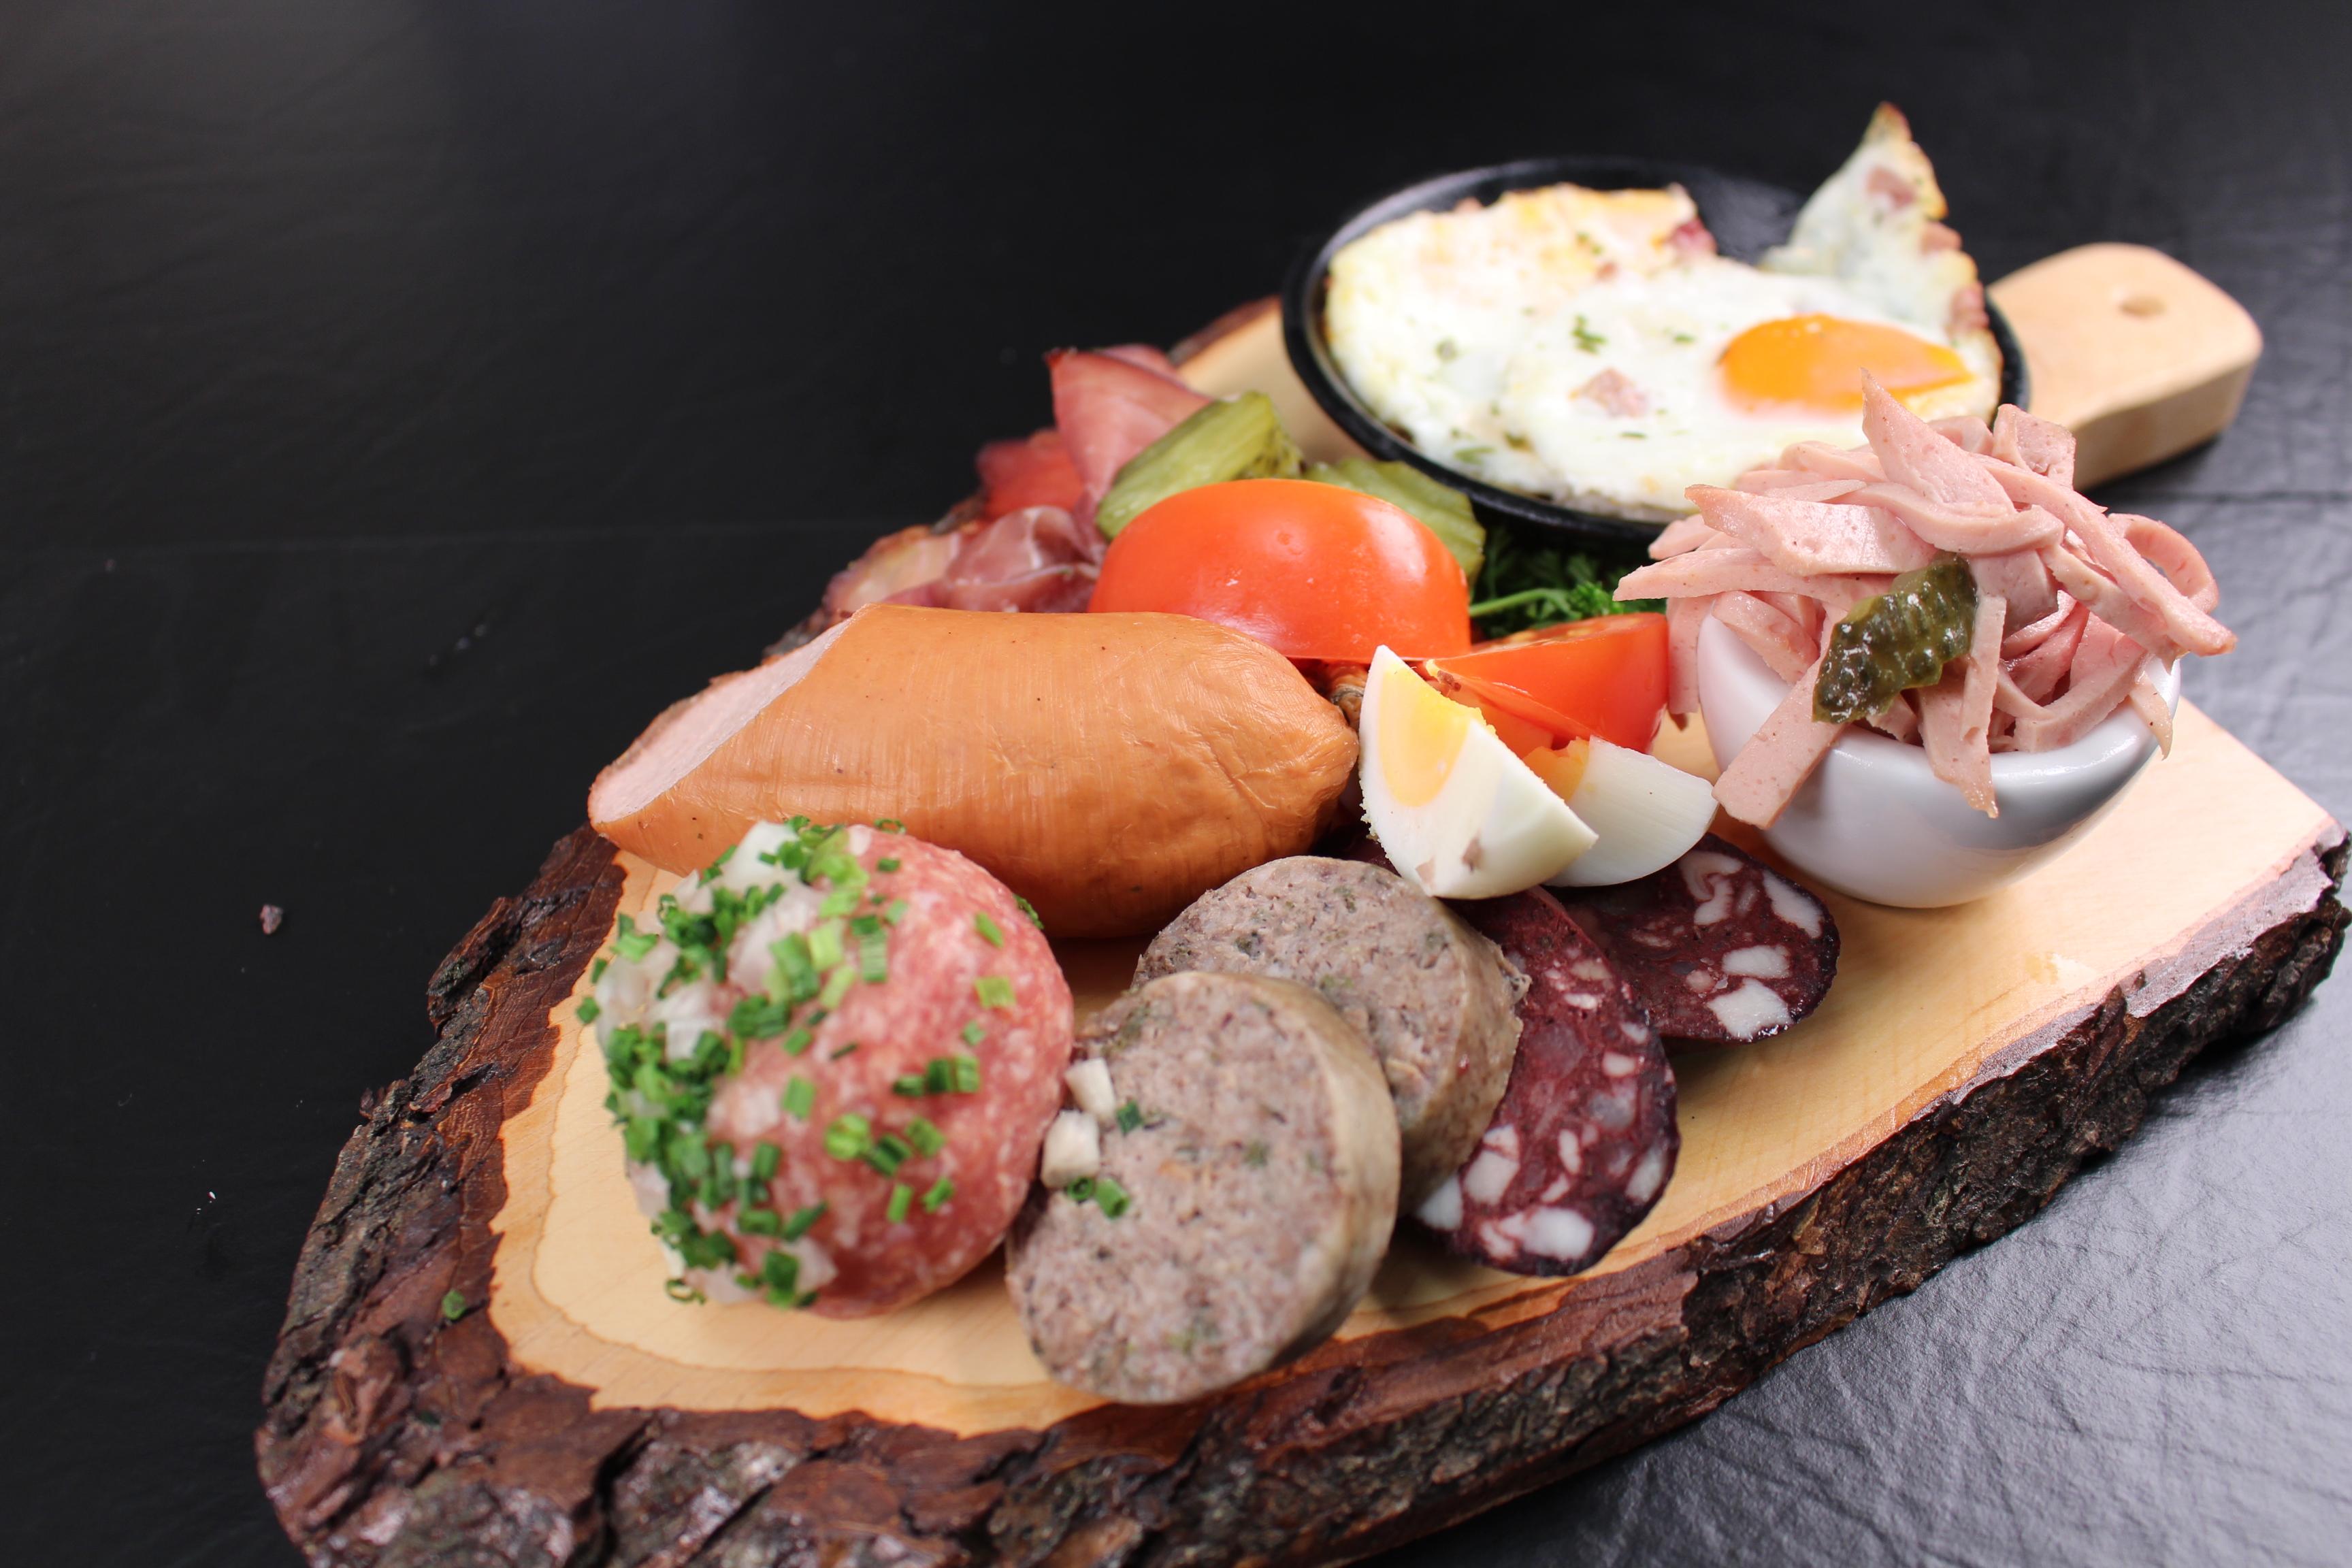 Herrenfrühstück mit Wurst